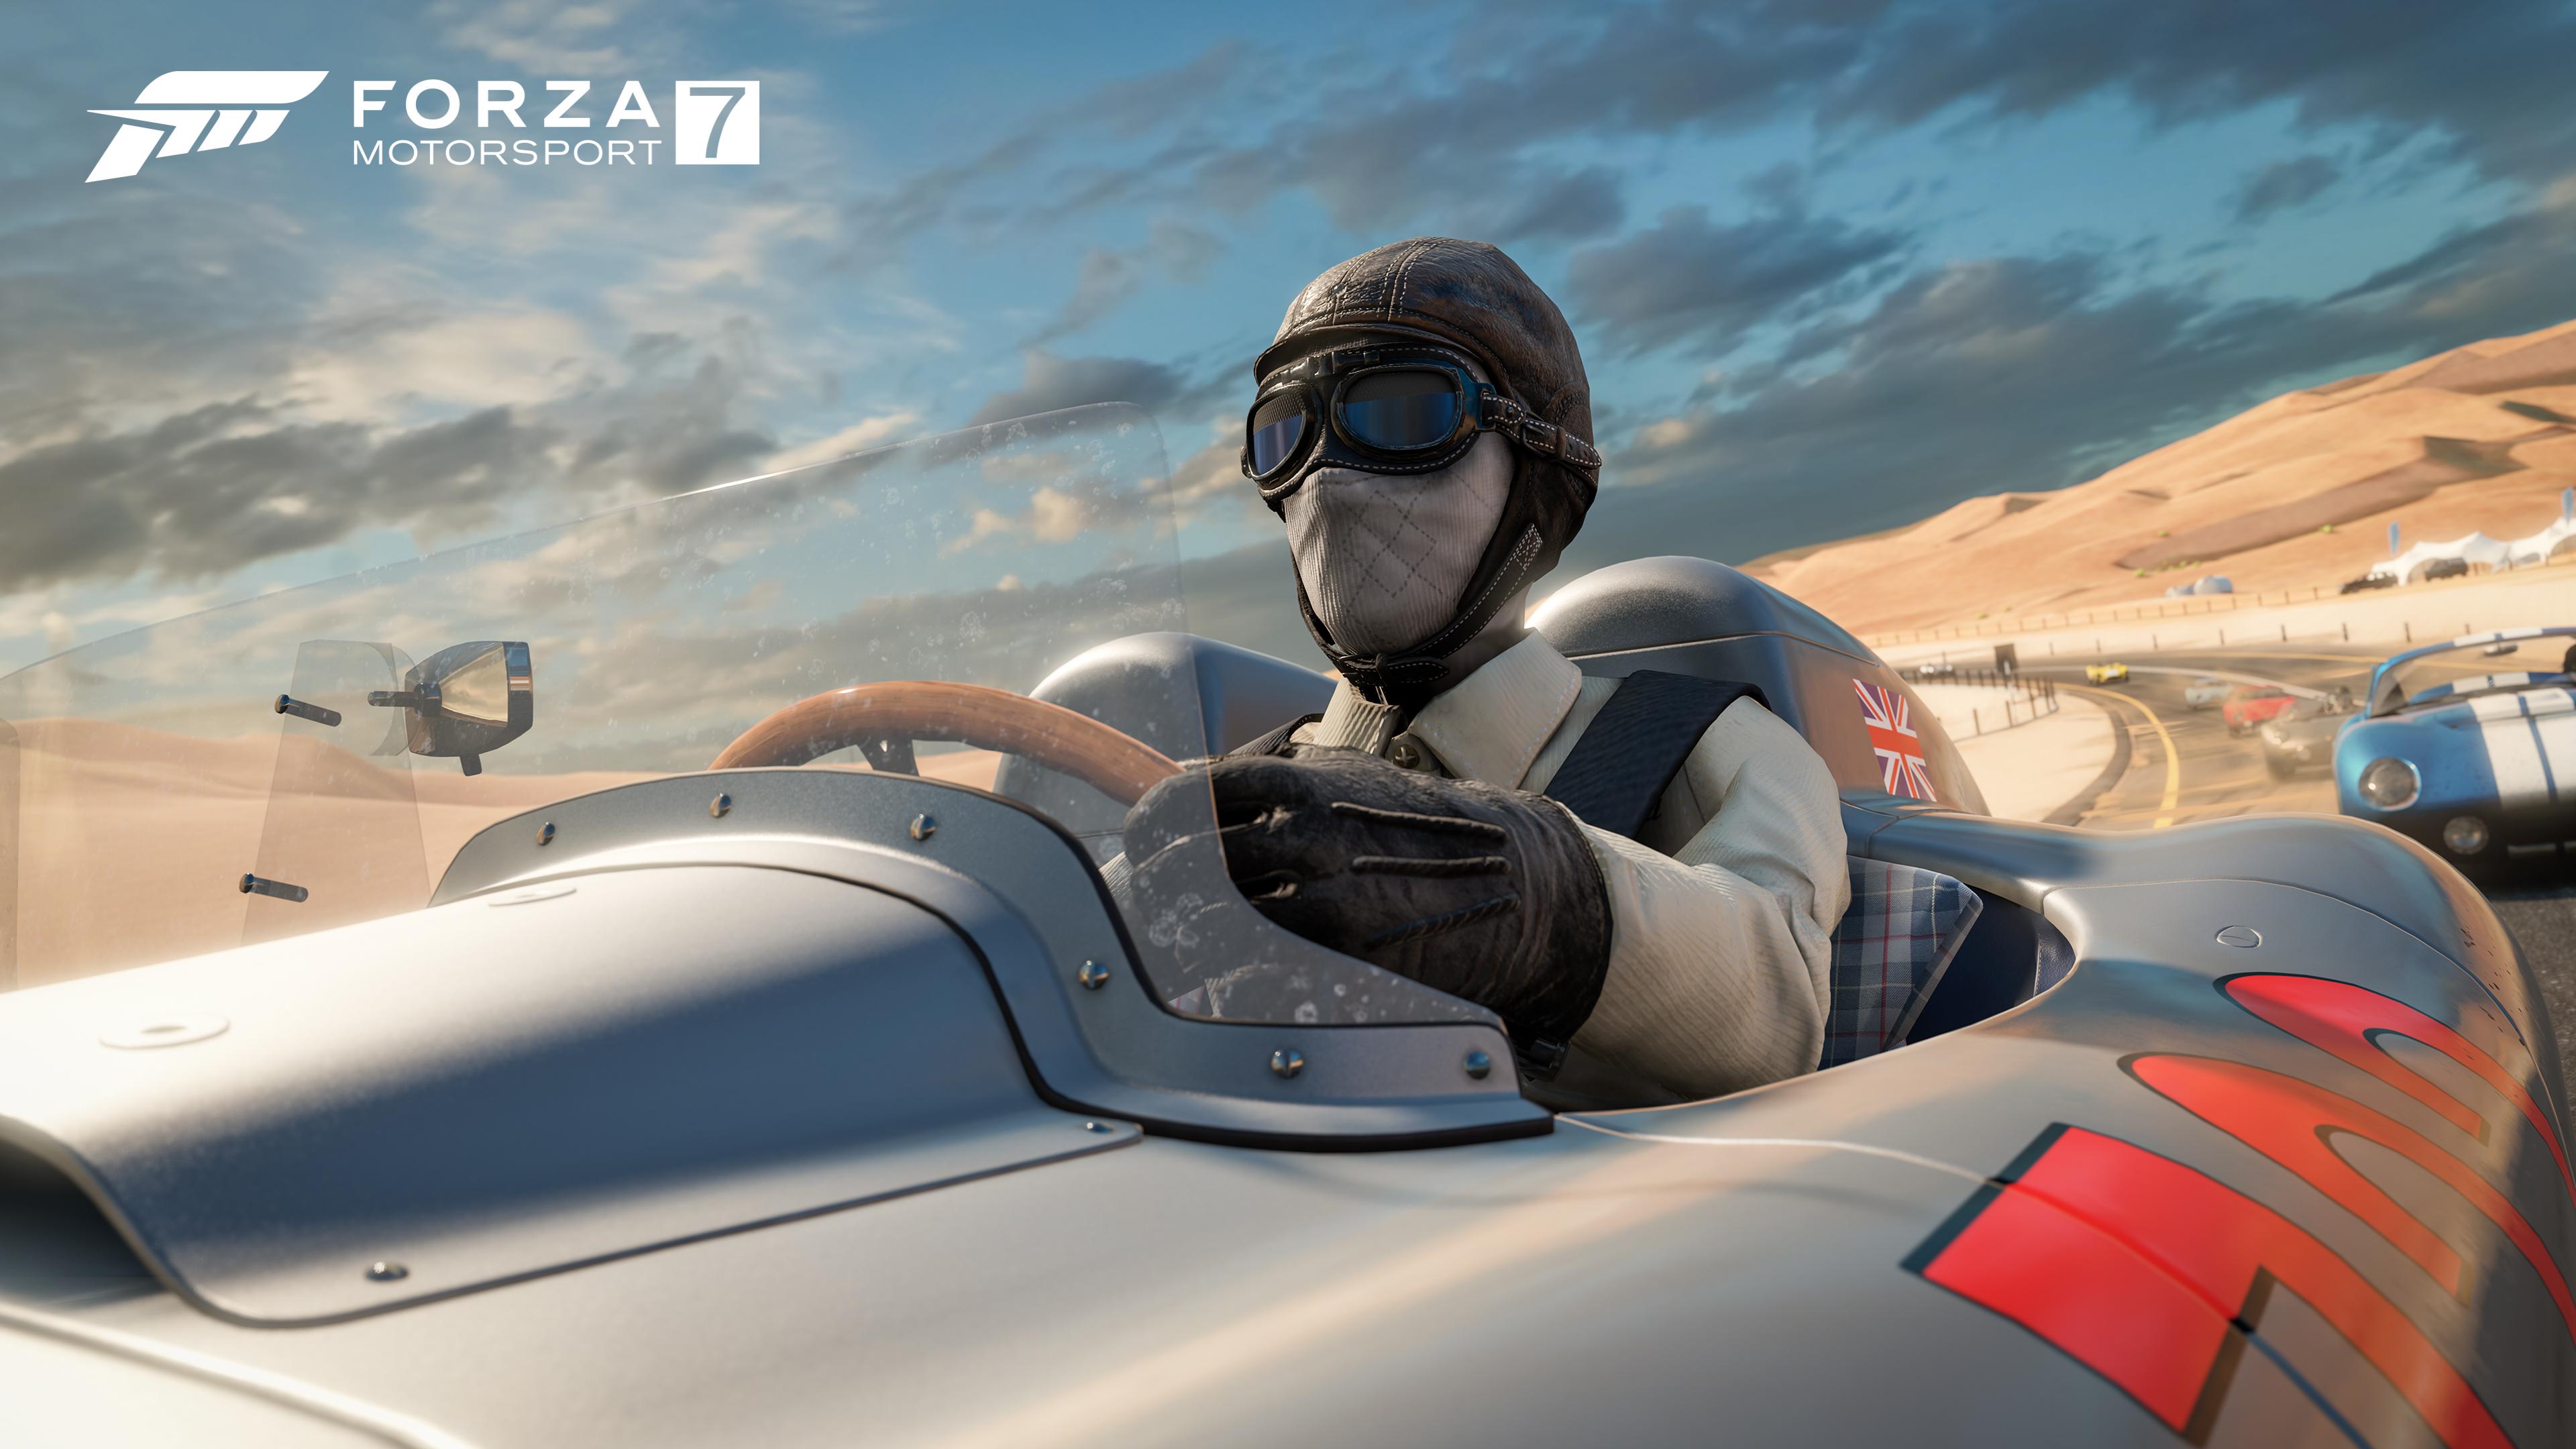 Forza7_E3_PressKit_07_1930sDriver_WM_4K.